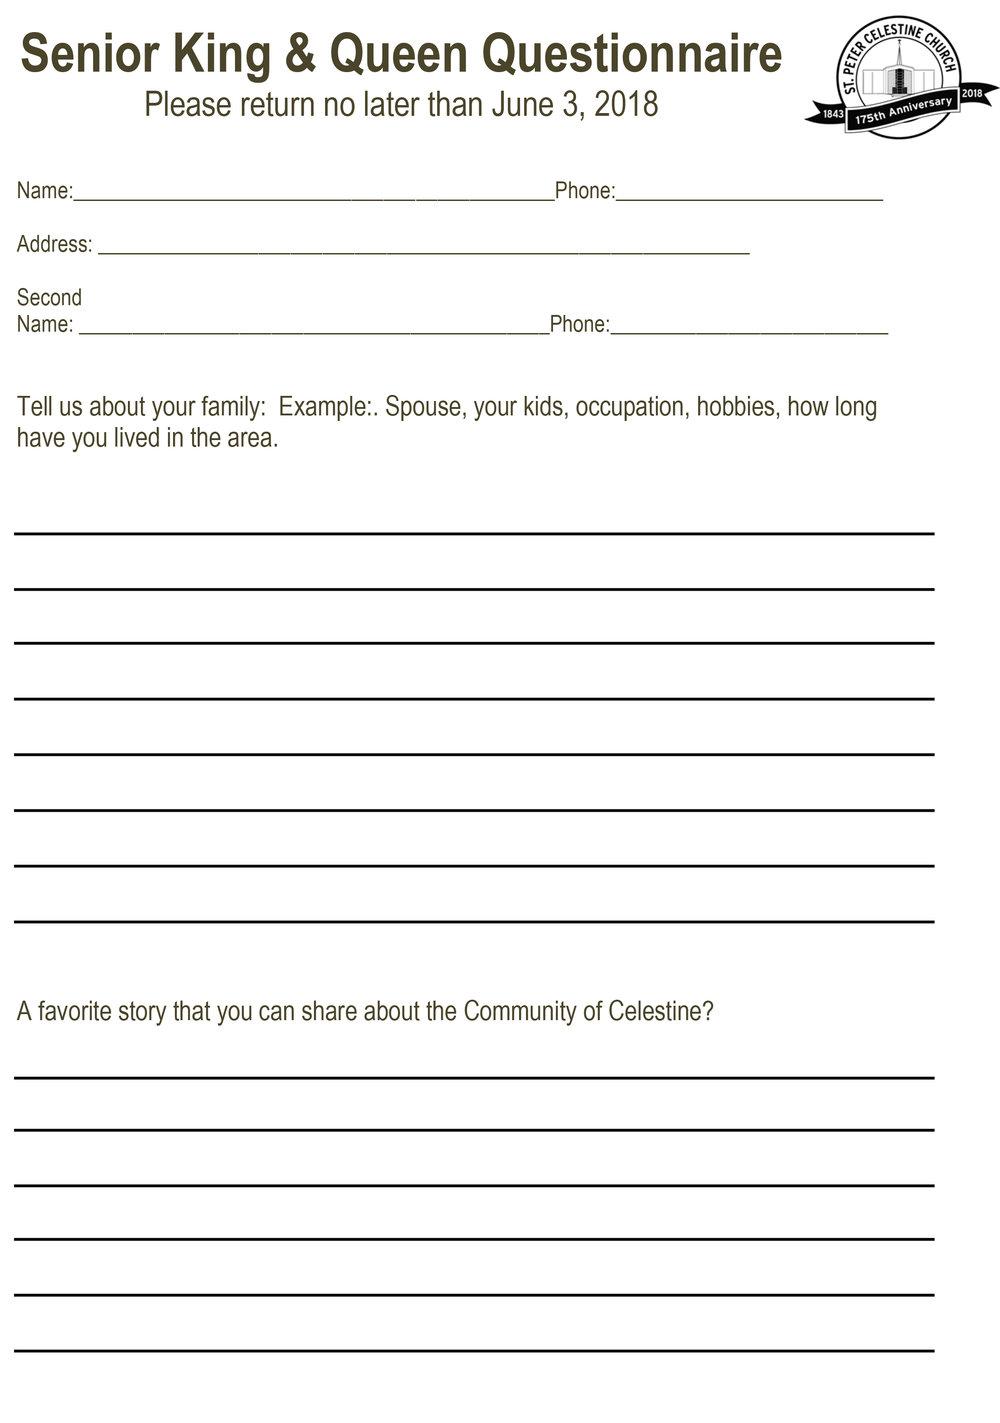 Info-sheet-&-Questions-1.jpg